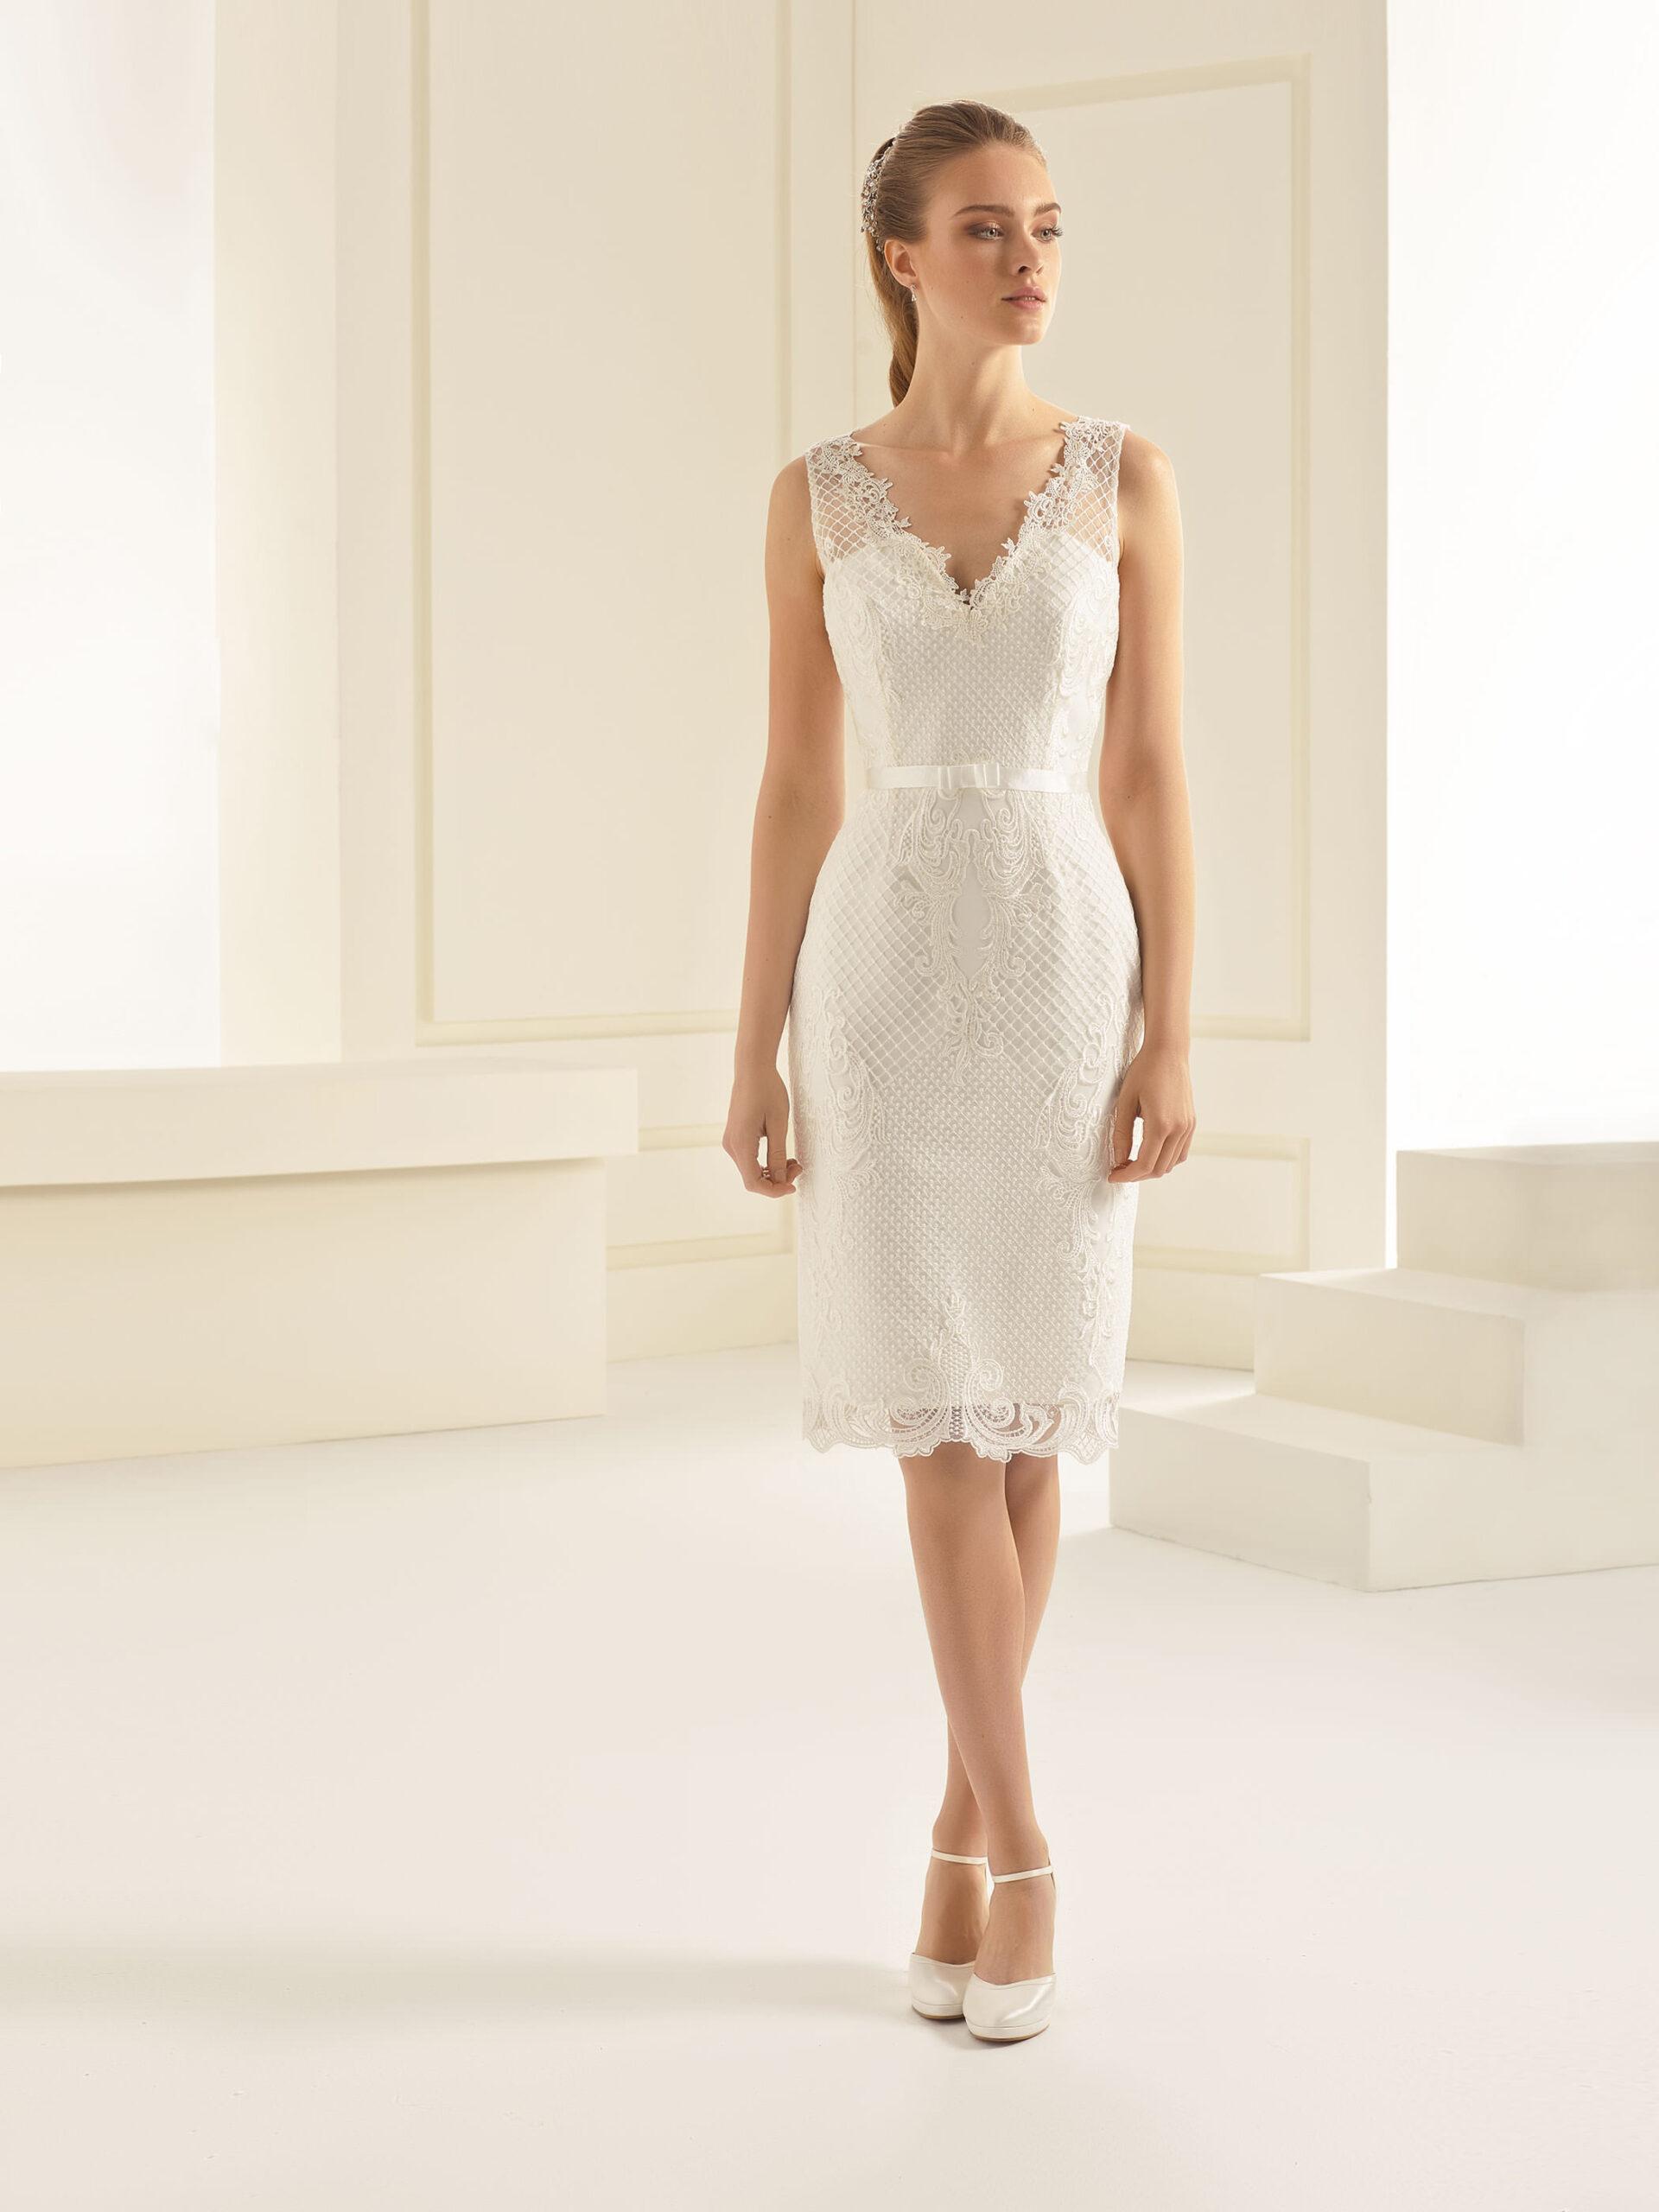 Kurzes Evita Brautkleid in weiß mit Gürtel